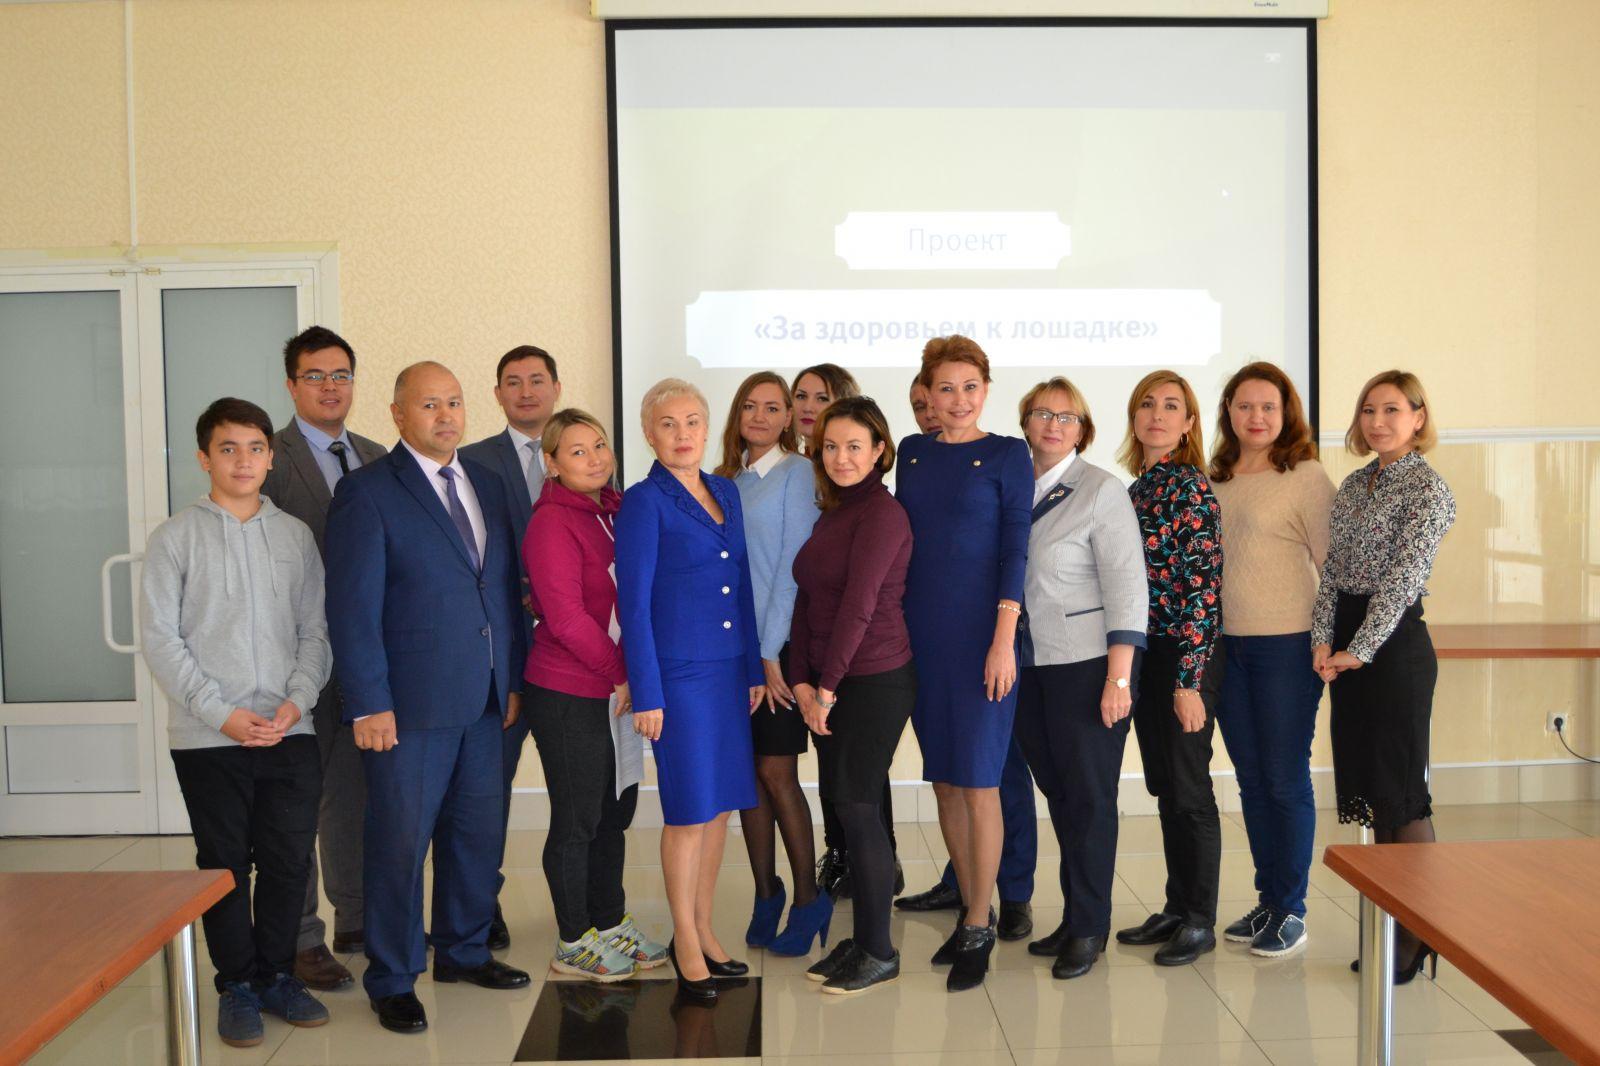 Р.А. Баталова в г. Уфе приняла участие в круглом столе по подведению итогов проекта «За здоровьем к лошадке»